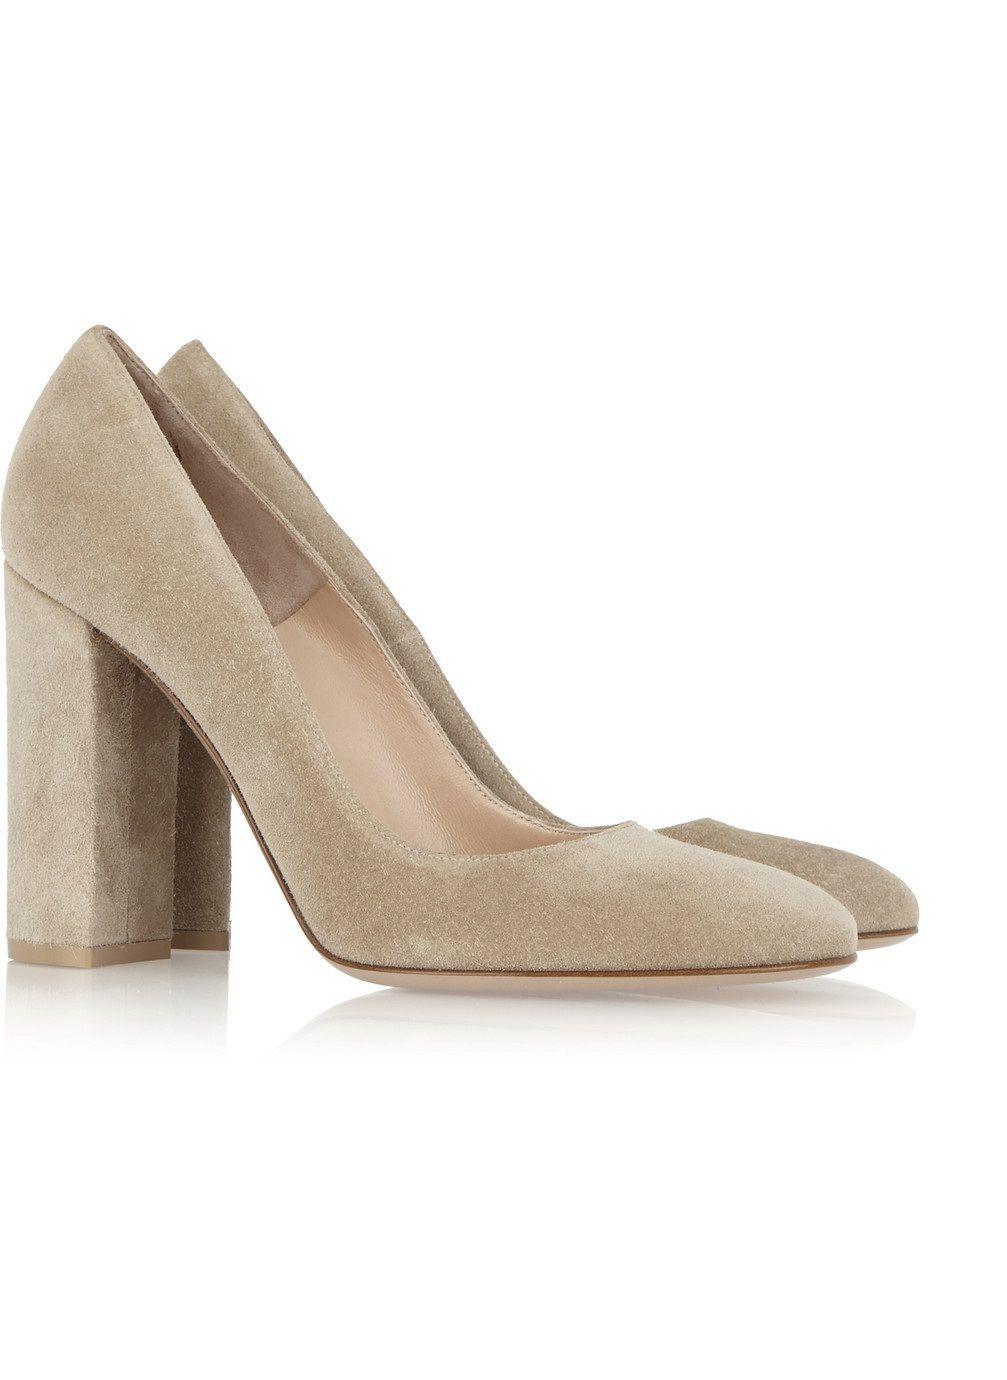 Zandina Ladies Handmade Fashion Thick Tallone tacco alto scarpe da ufficio partito pompe tacco grigio